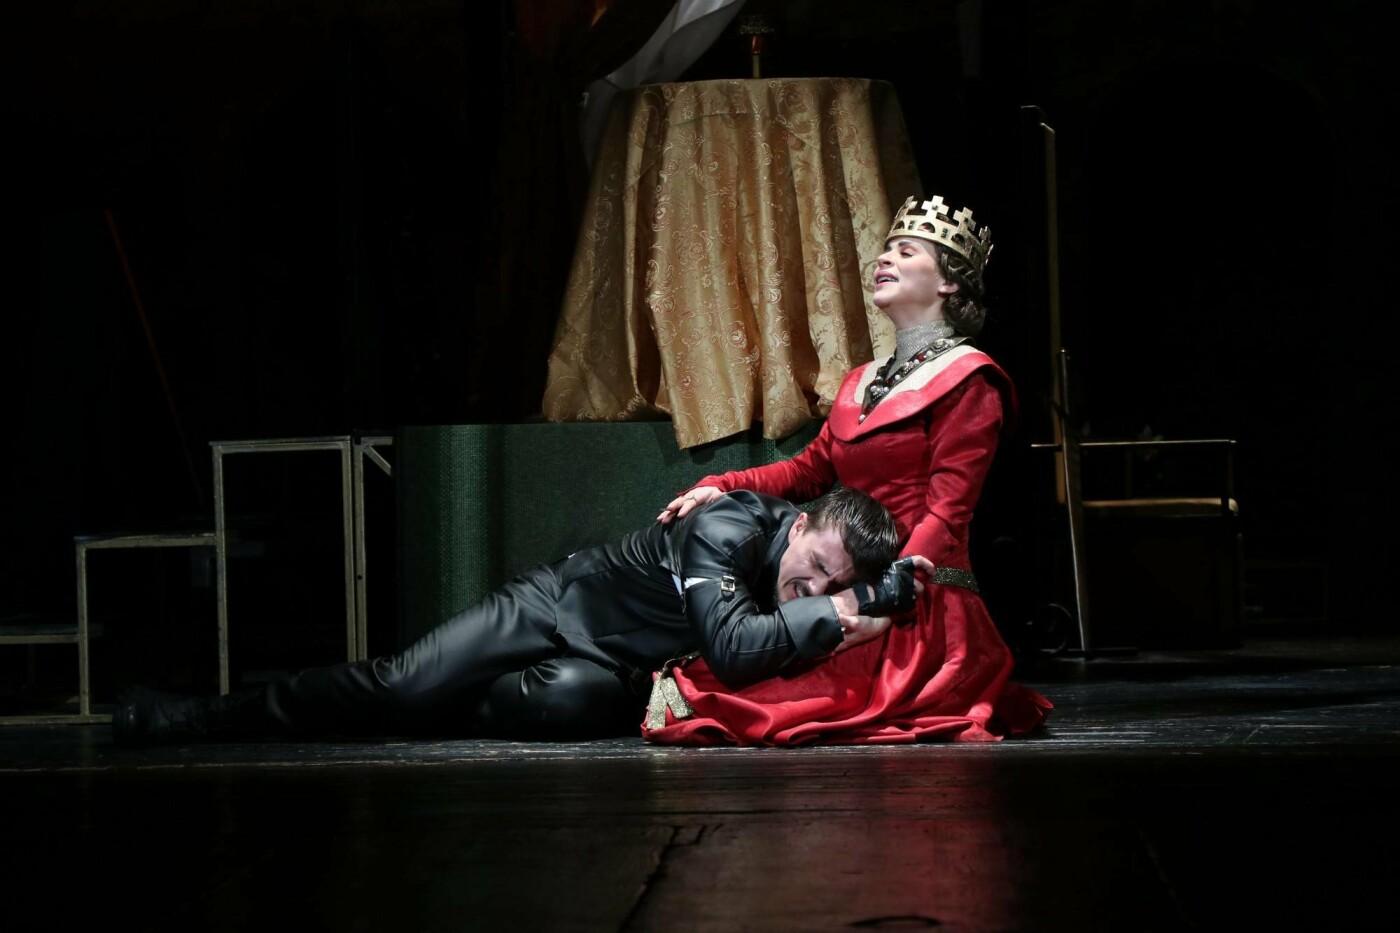 В Каменском театре показали историю любви и ненависти длиною в жизнь, фото-4